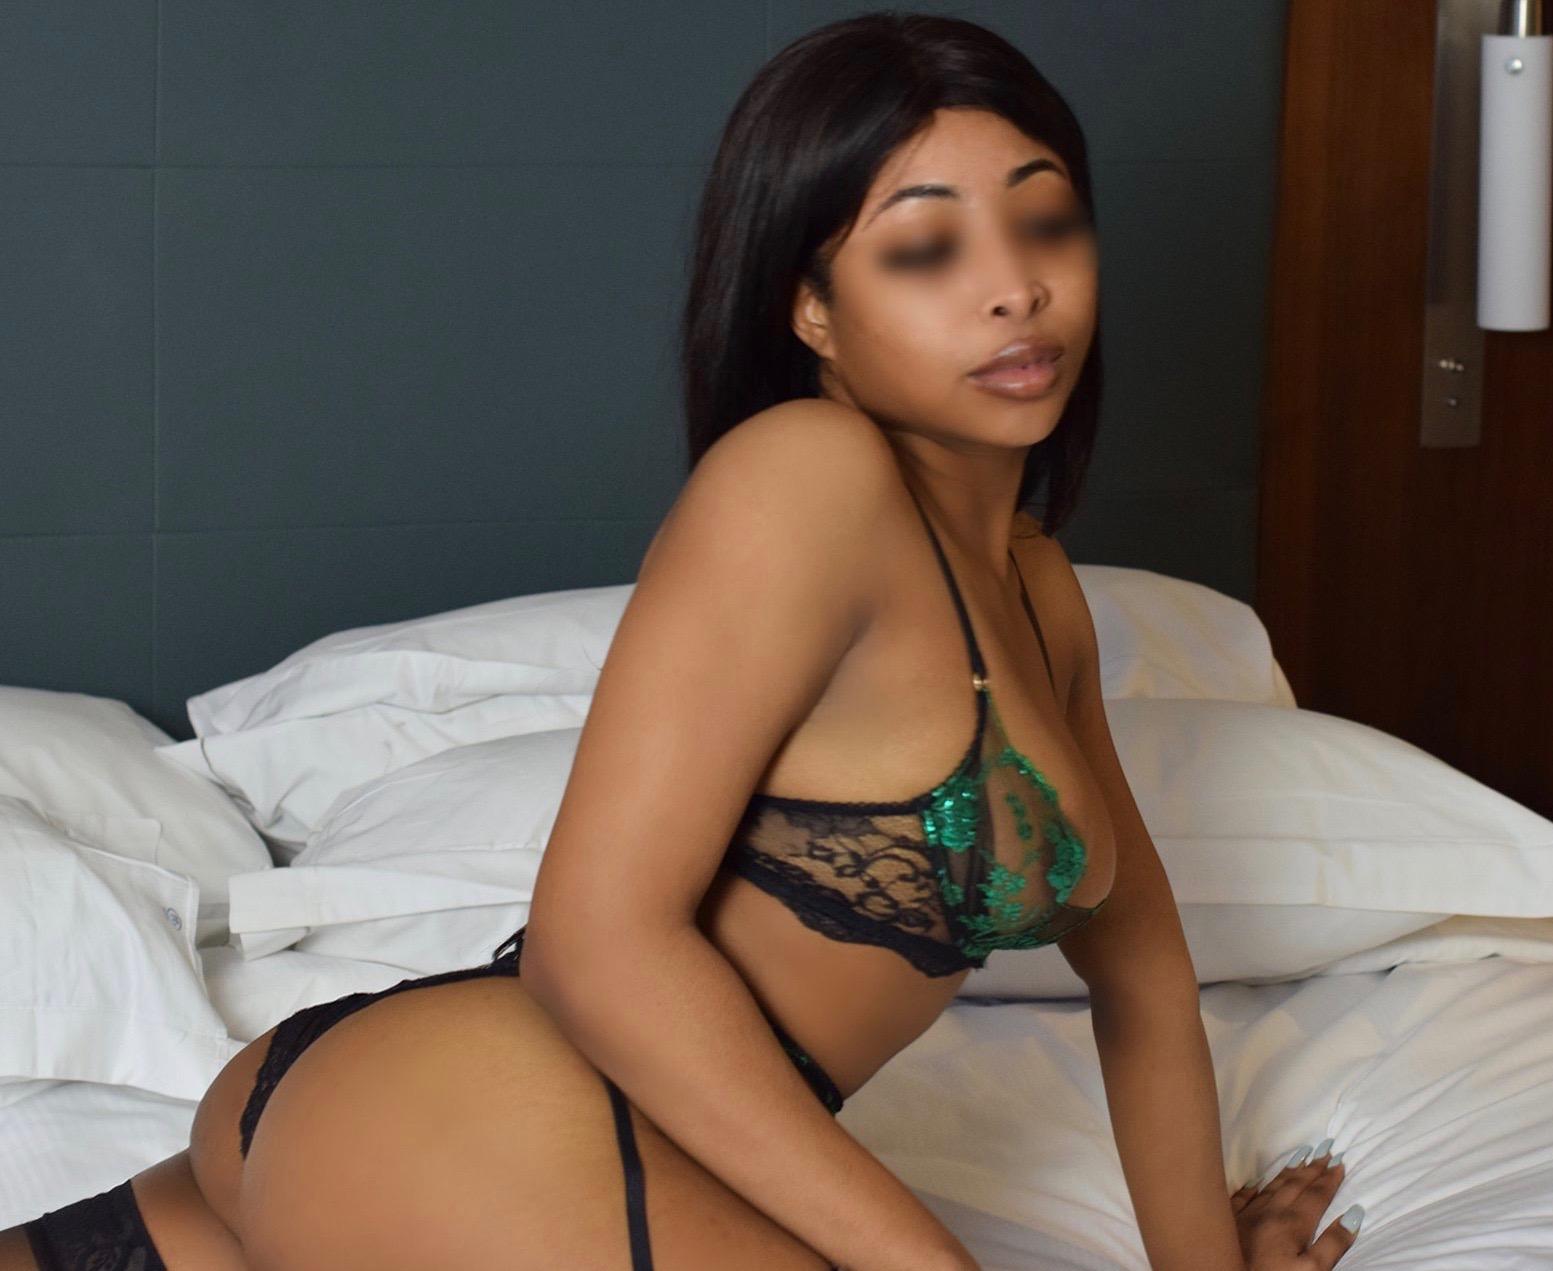 Model in lingerie - Marie